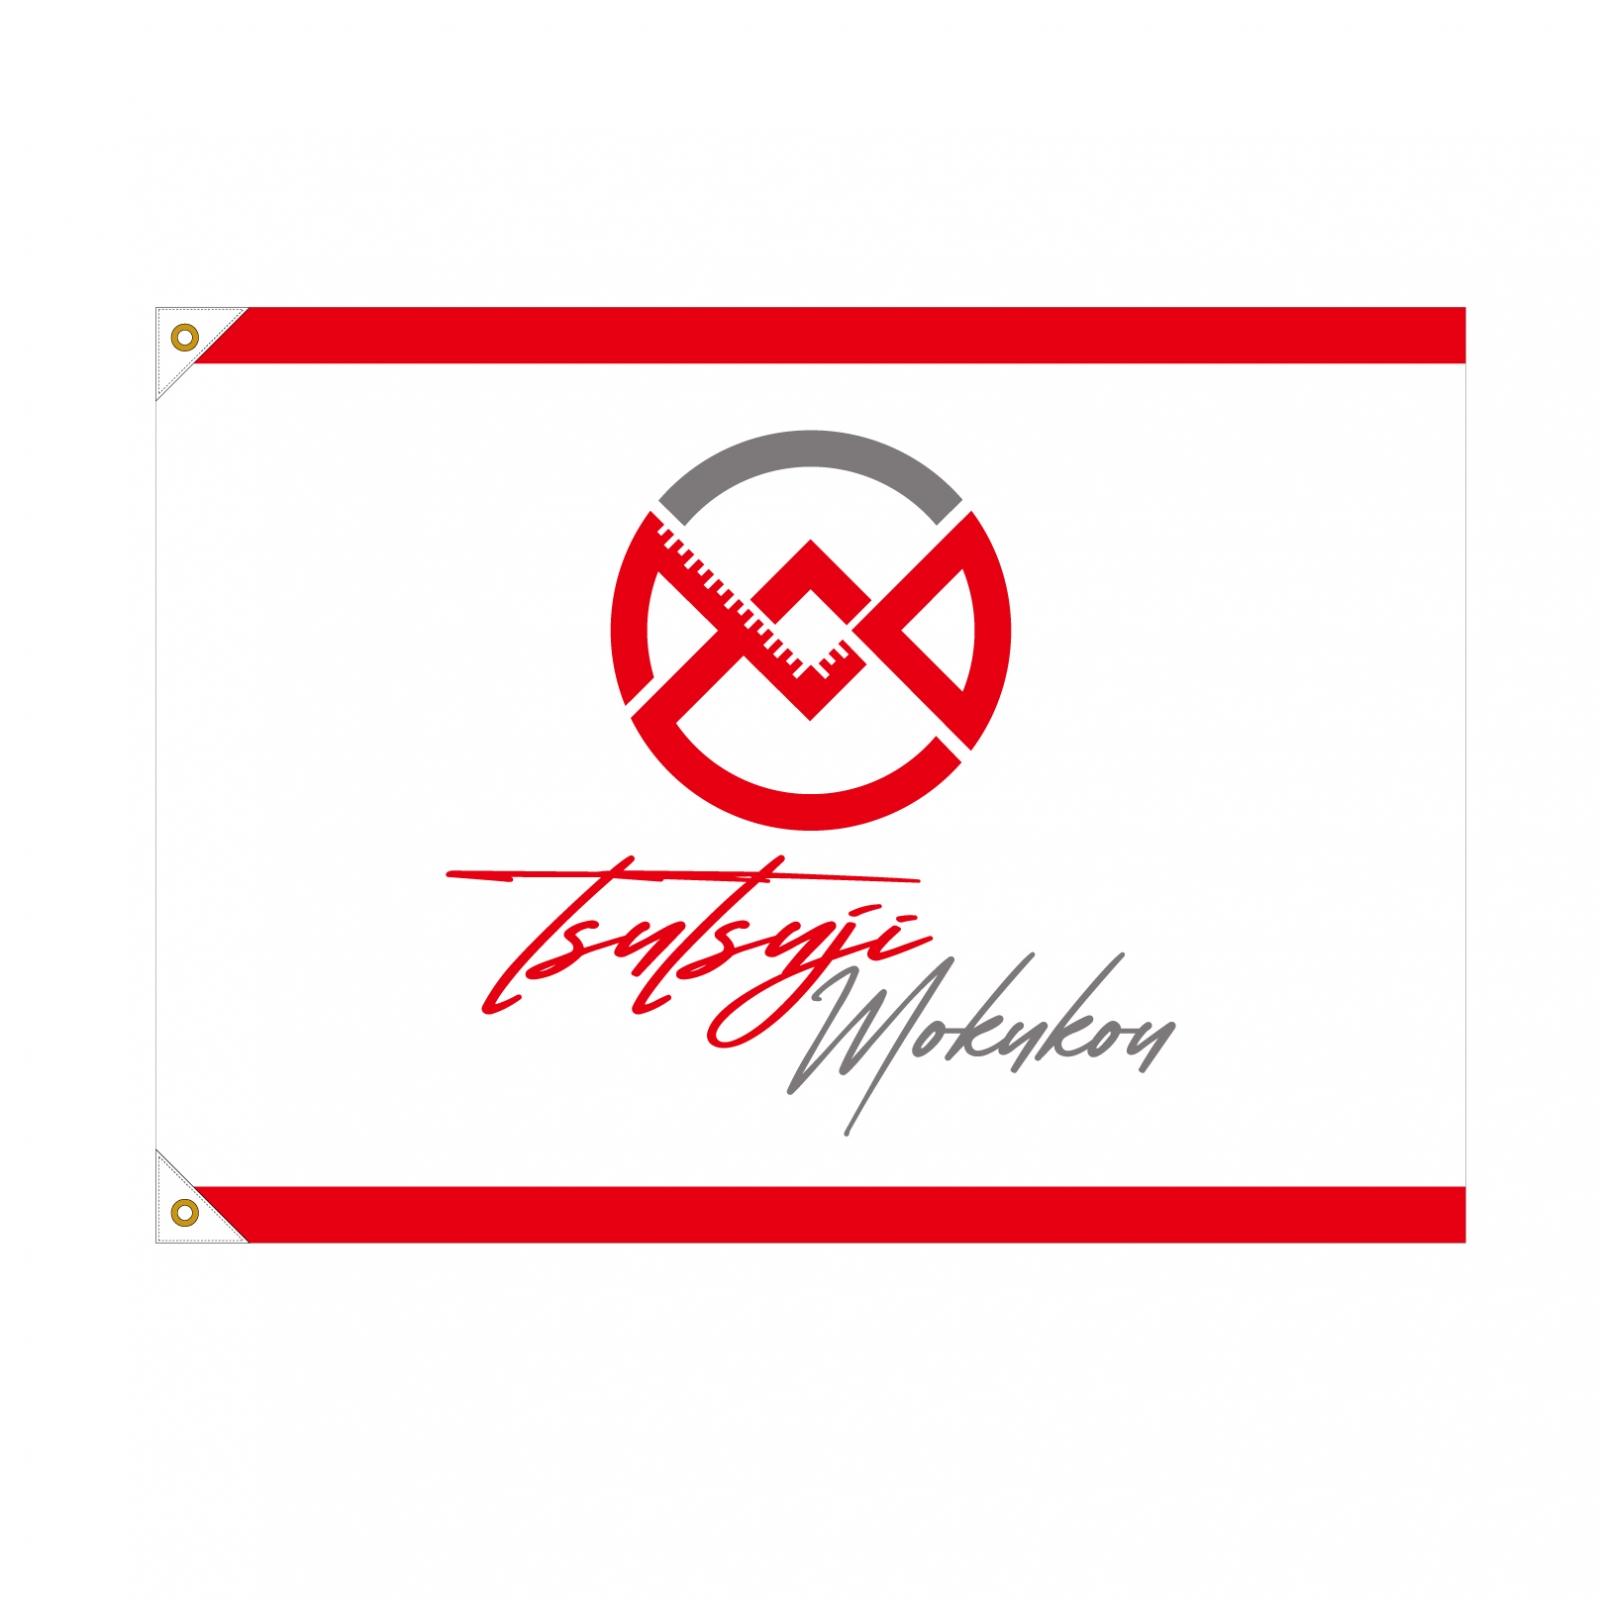 建設会社の社旗